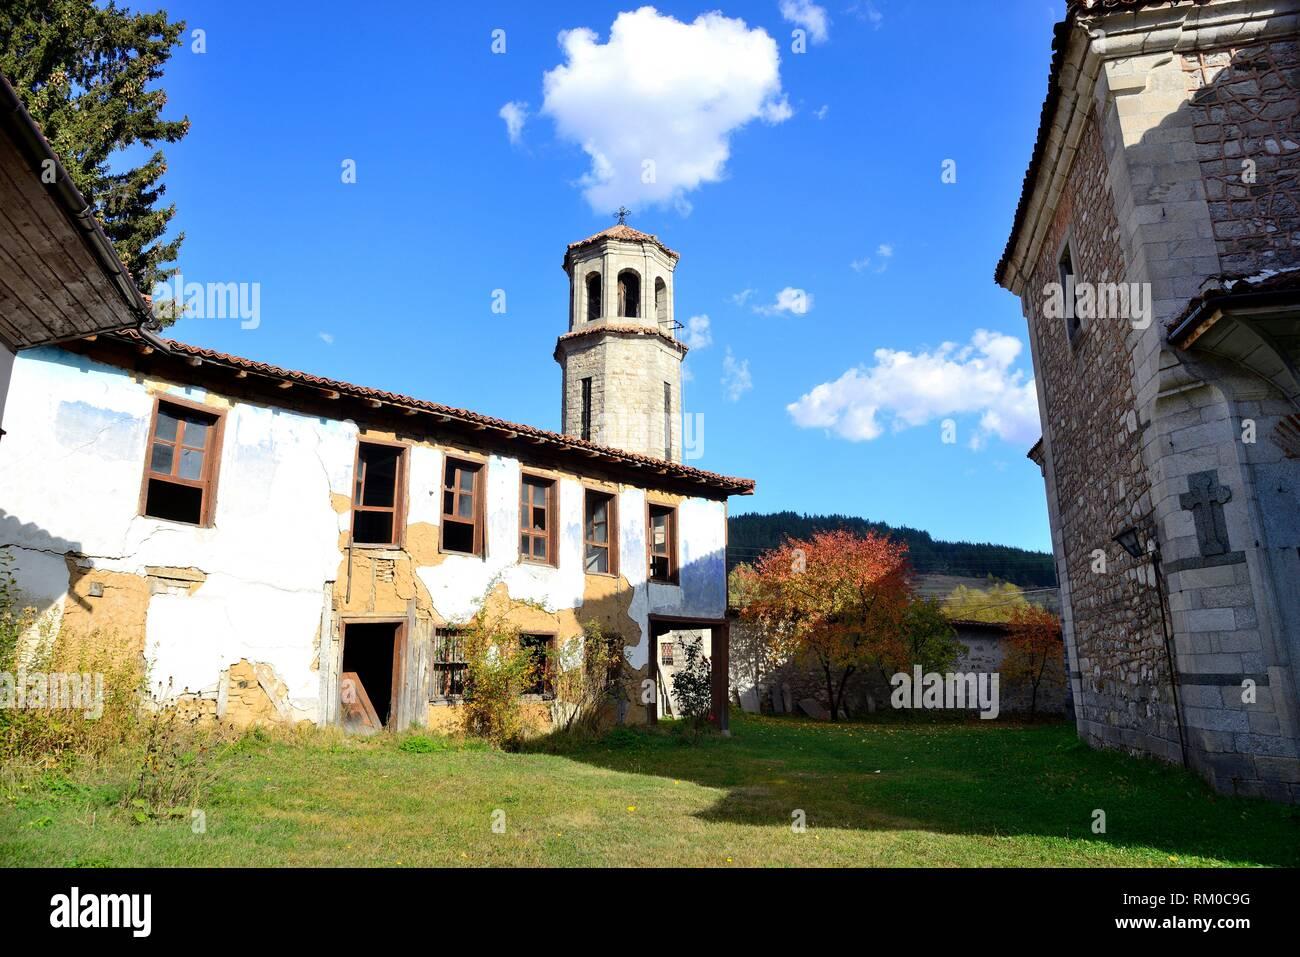 Iglesia de Sveta Nikola, Koprivstica, Bulgaria. Foto de stock